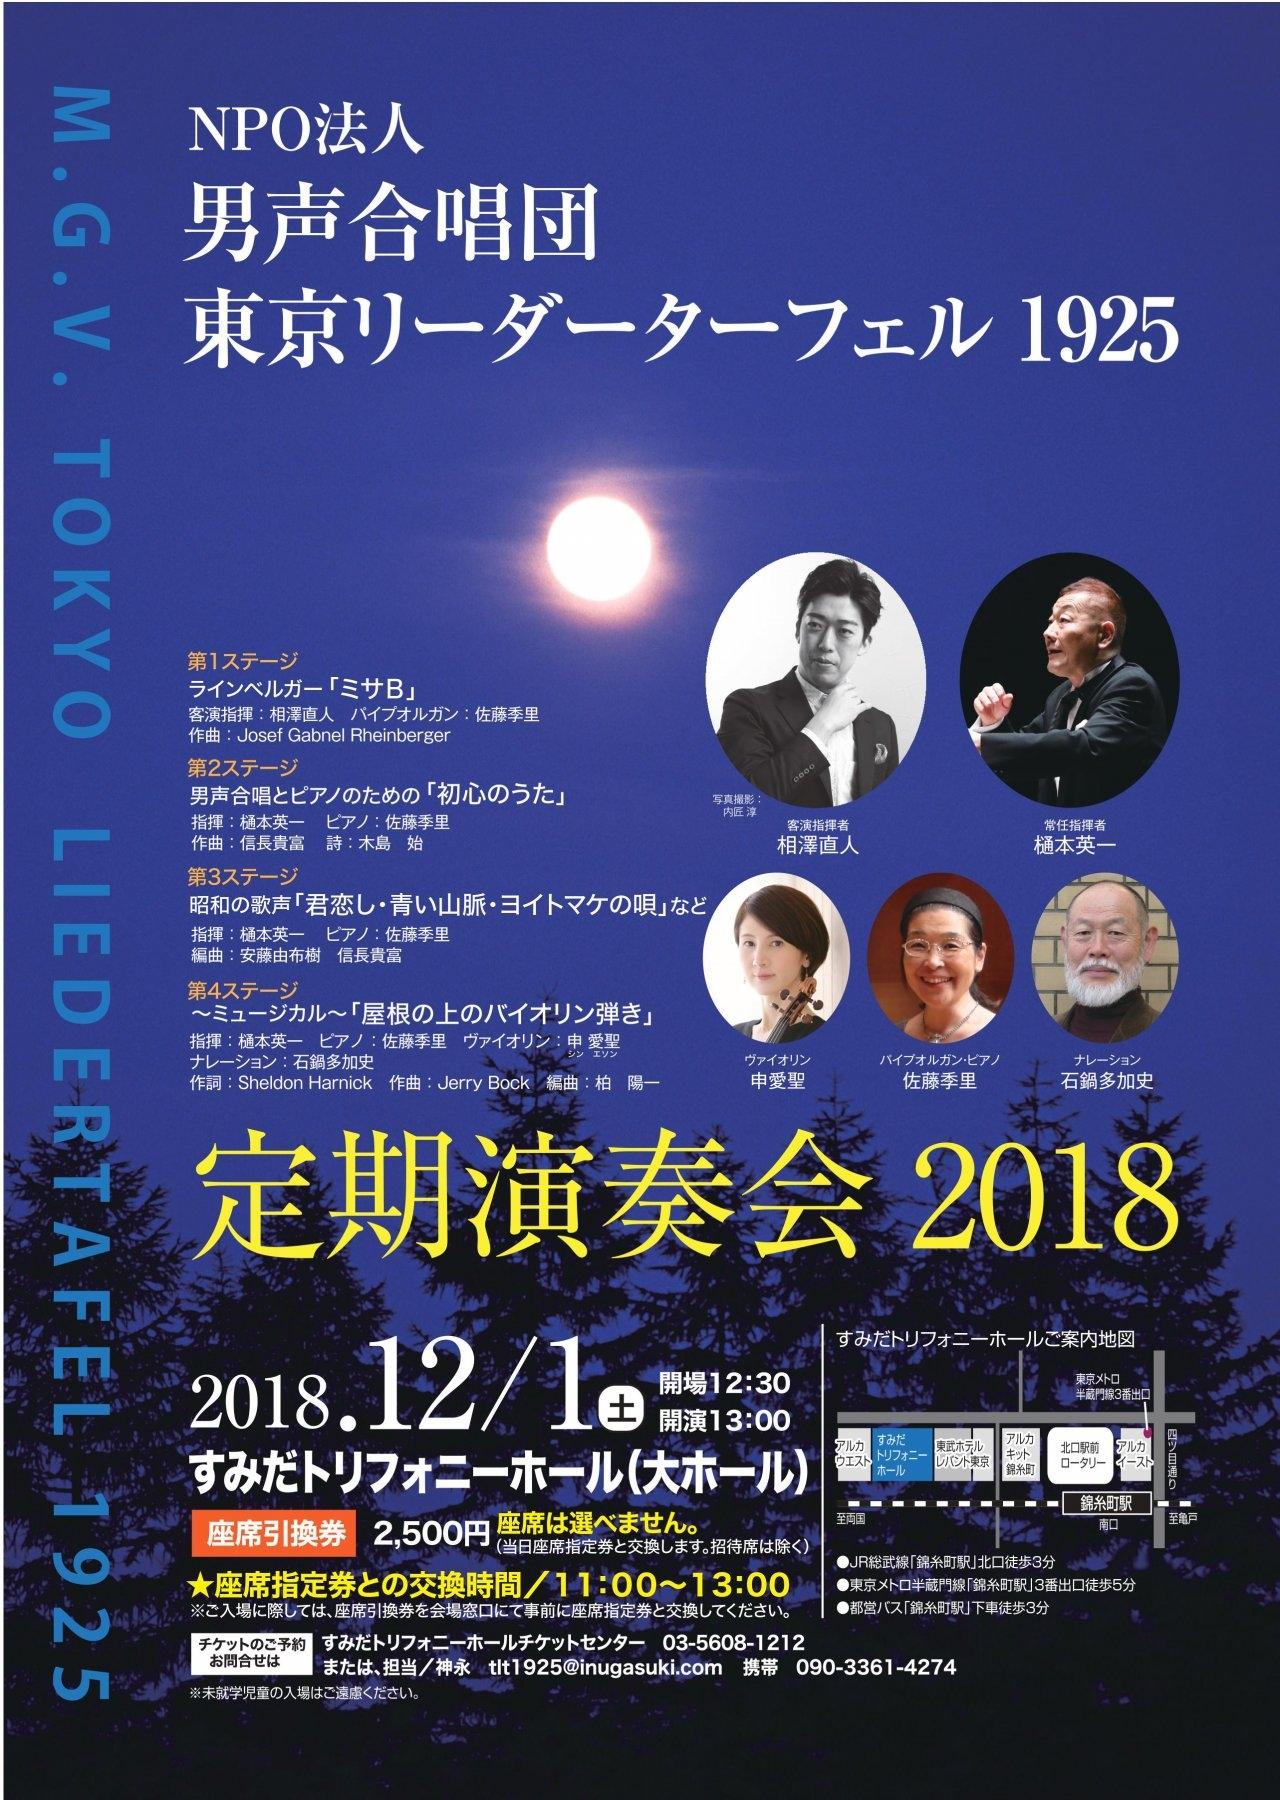 男声合唱団東京リーダーターフェル1925定期演奏会2018